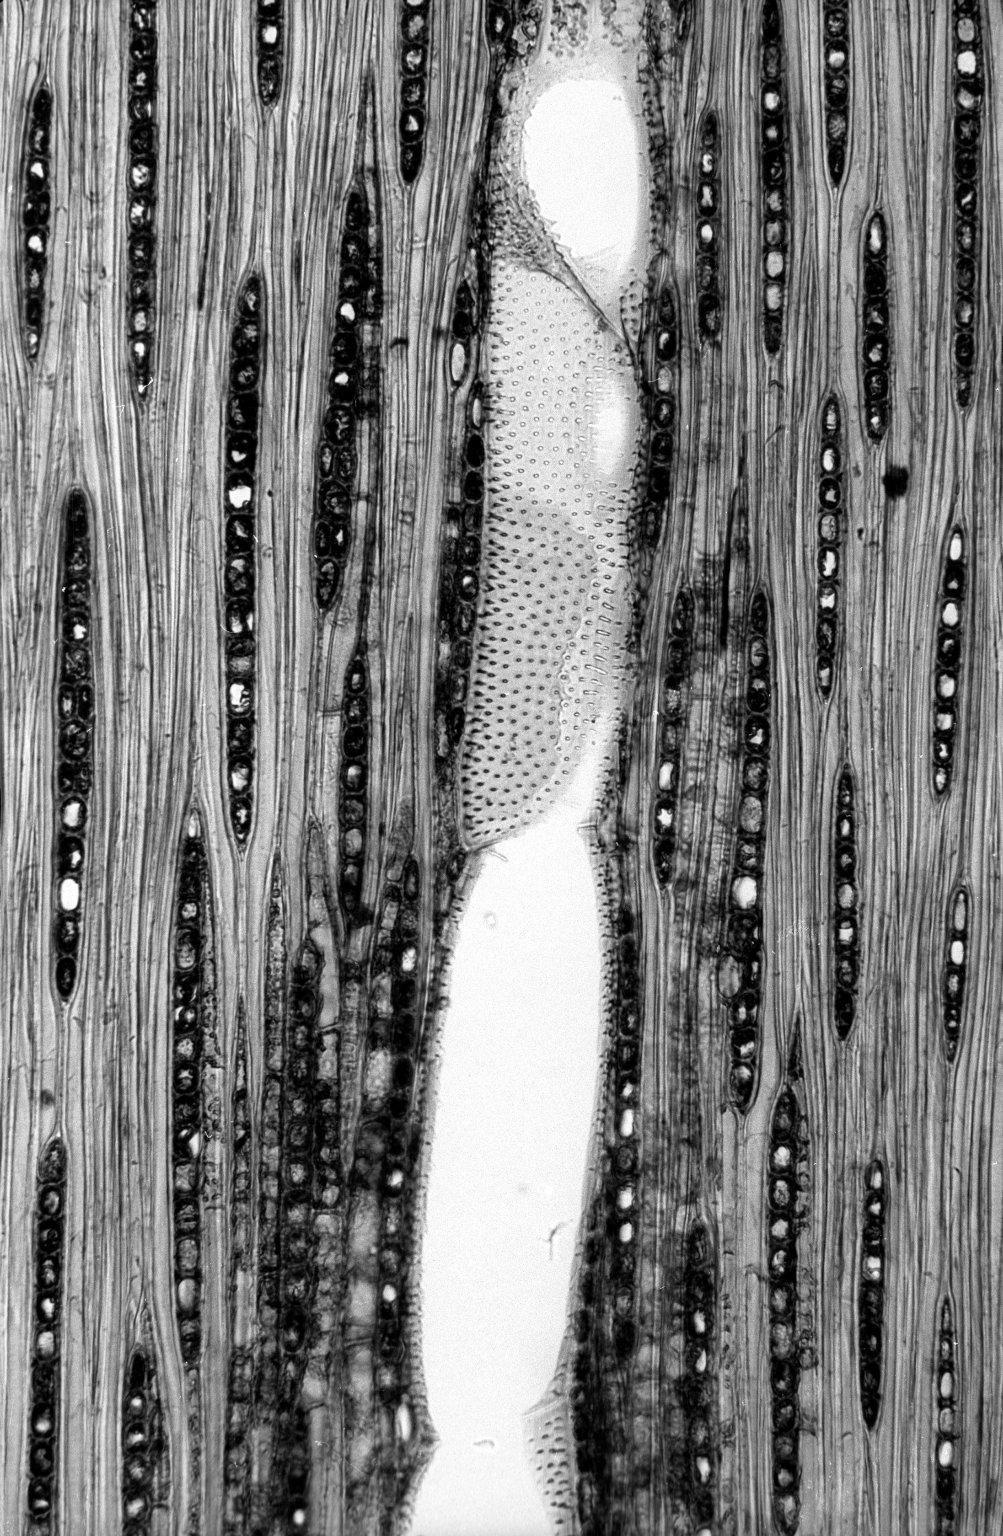 BIGNONIACEAE Jacaranda obtusifolia